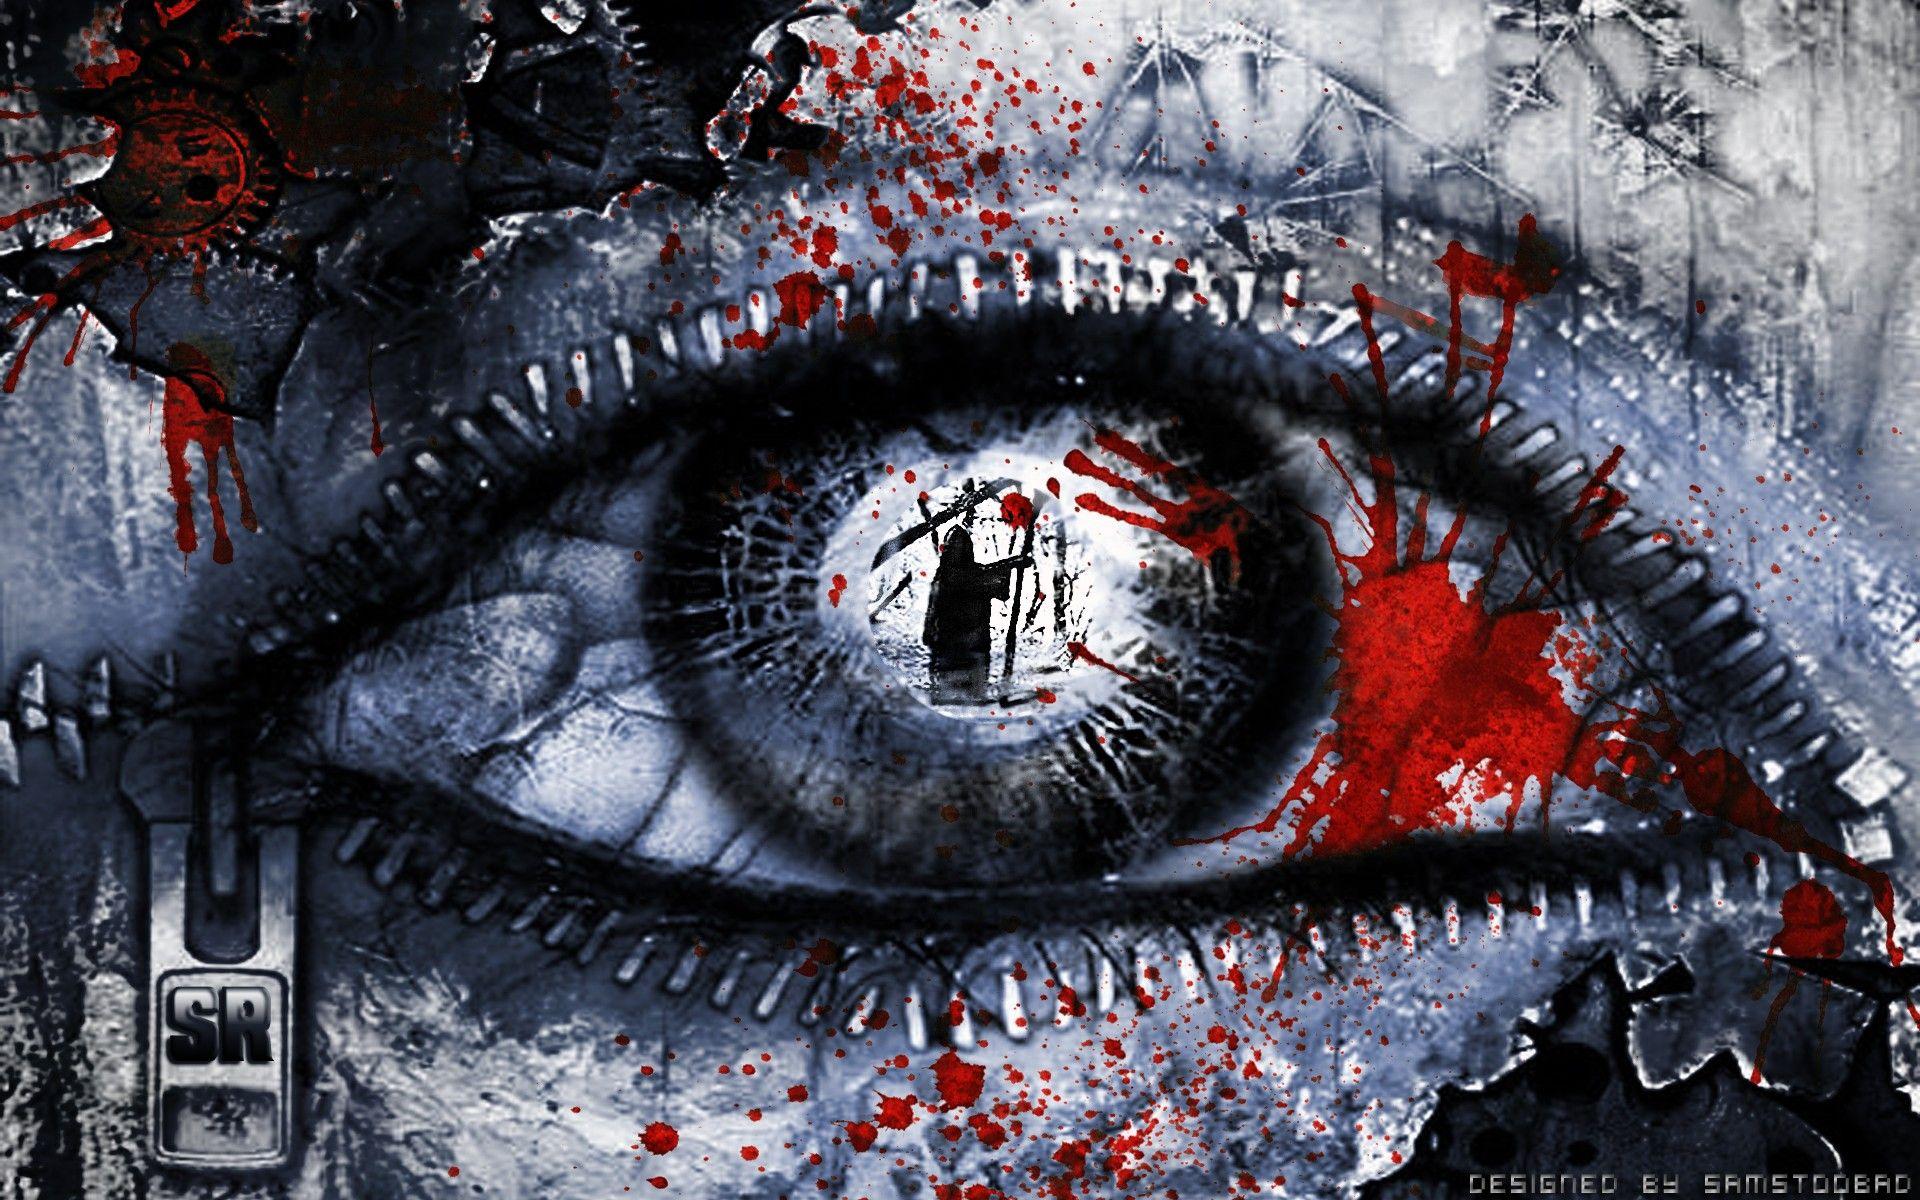 Hd Wallpaper Eyes Blood Dead Gore Artwork Rich